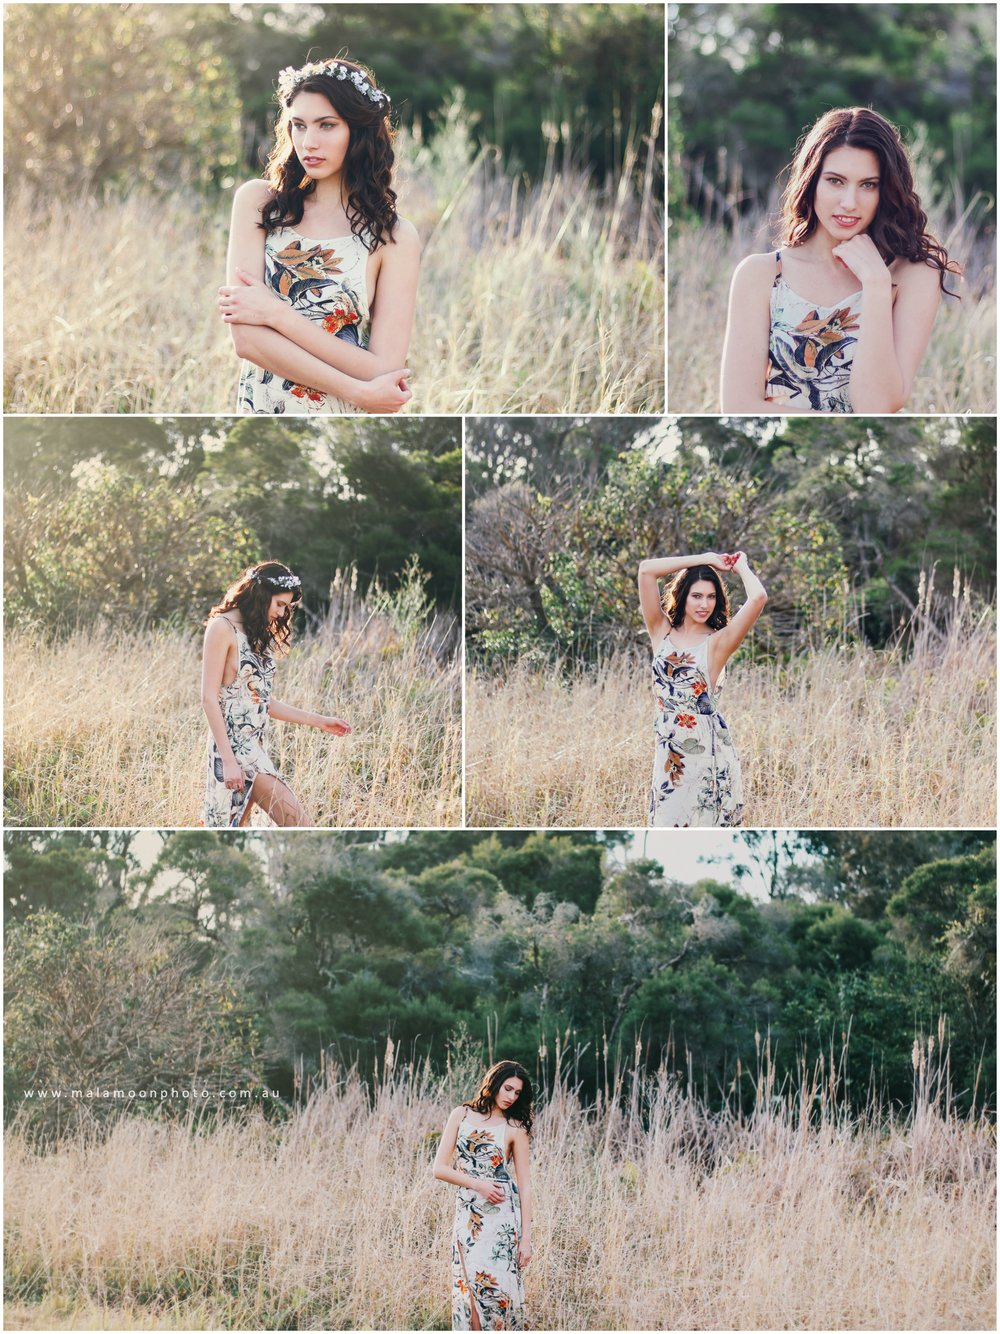 Boho-Girl-Field-Mala-Moon-Photography